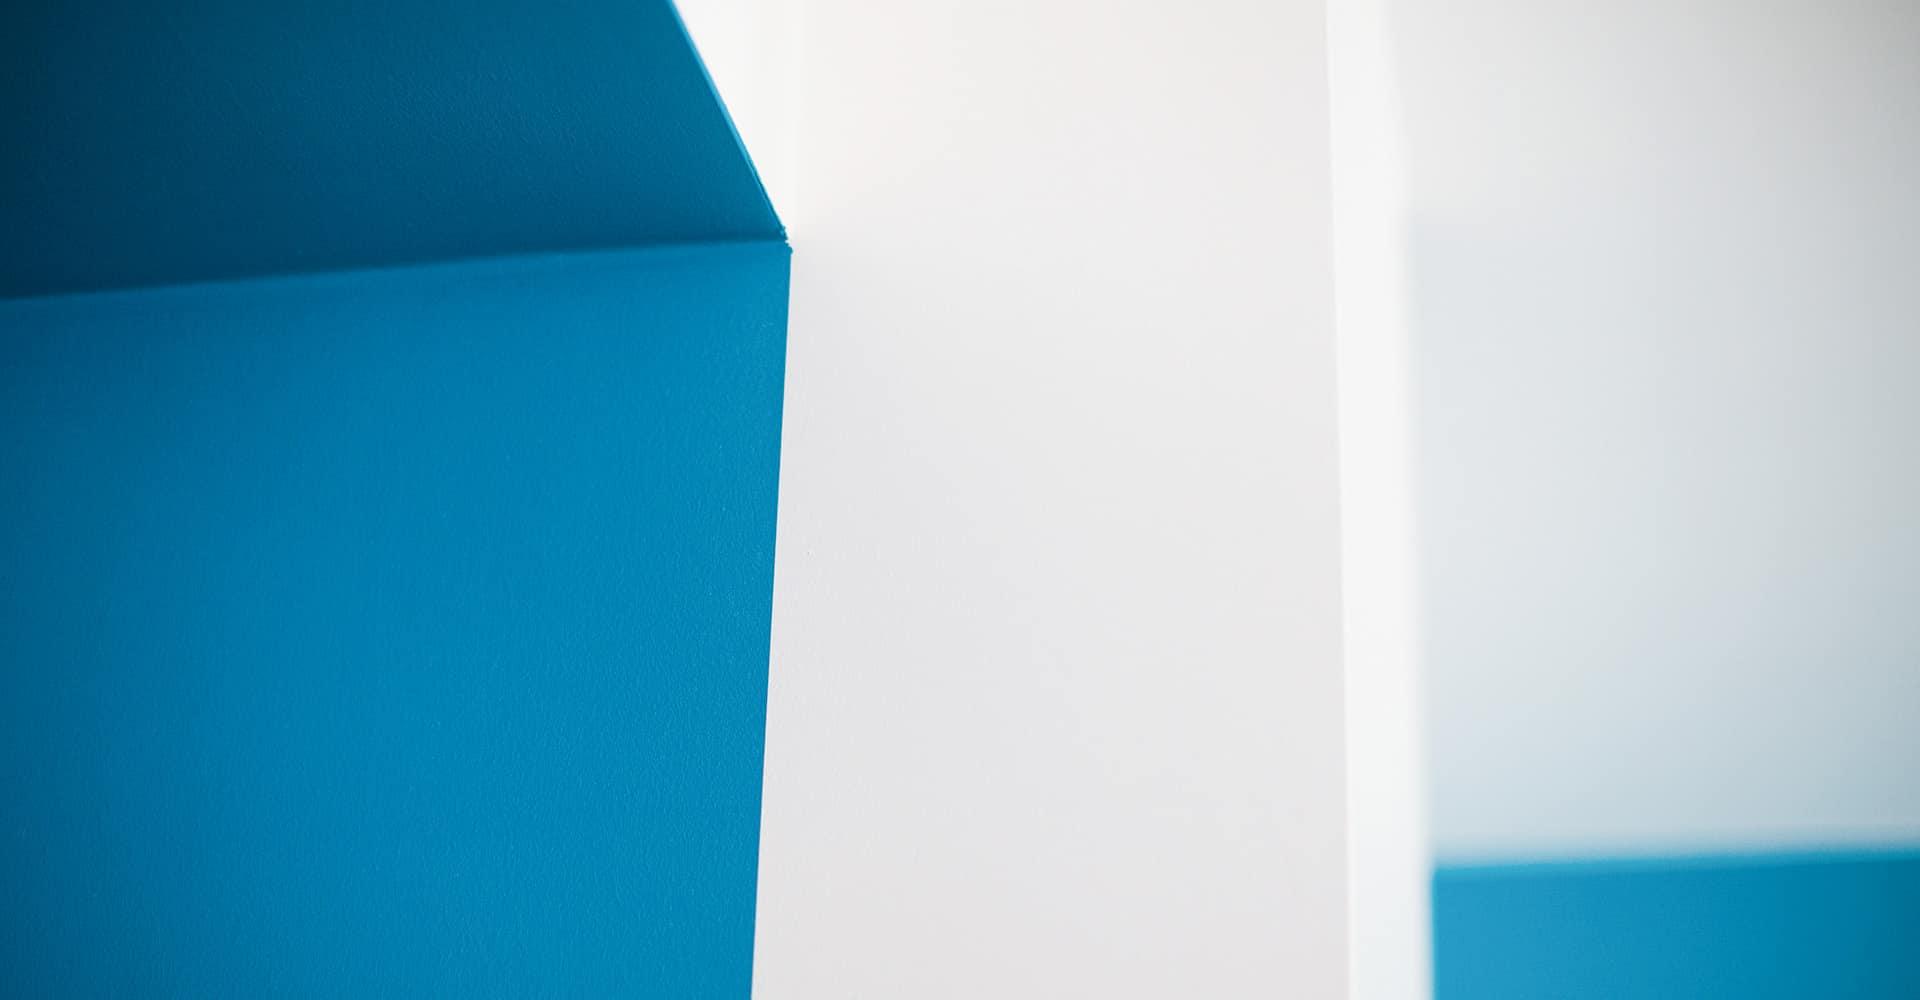 POLIKLINIK POTSDAM   INNENAUSBAU ERNST VON BERGMANN POLIKLINIK   Die im Haupthaus der Ernst von Bergmann Poliklinik befindlichen Abteilungen Radiologie / Chirurgie sollten eine funktionale Einheit mit dem angrenzenden Neubau der Radiologie auf dem Gelände des Klinikums bilden. Dabei sollte sich auch das Corporate Design gebäudeübergreifend fortsetzen,damit der Patient sich gut orientieren kann.